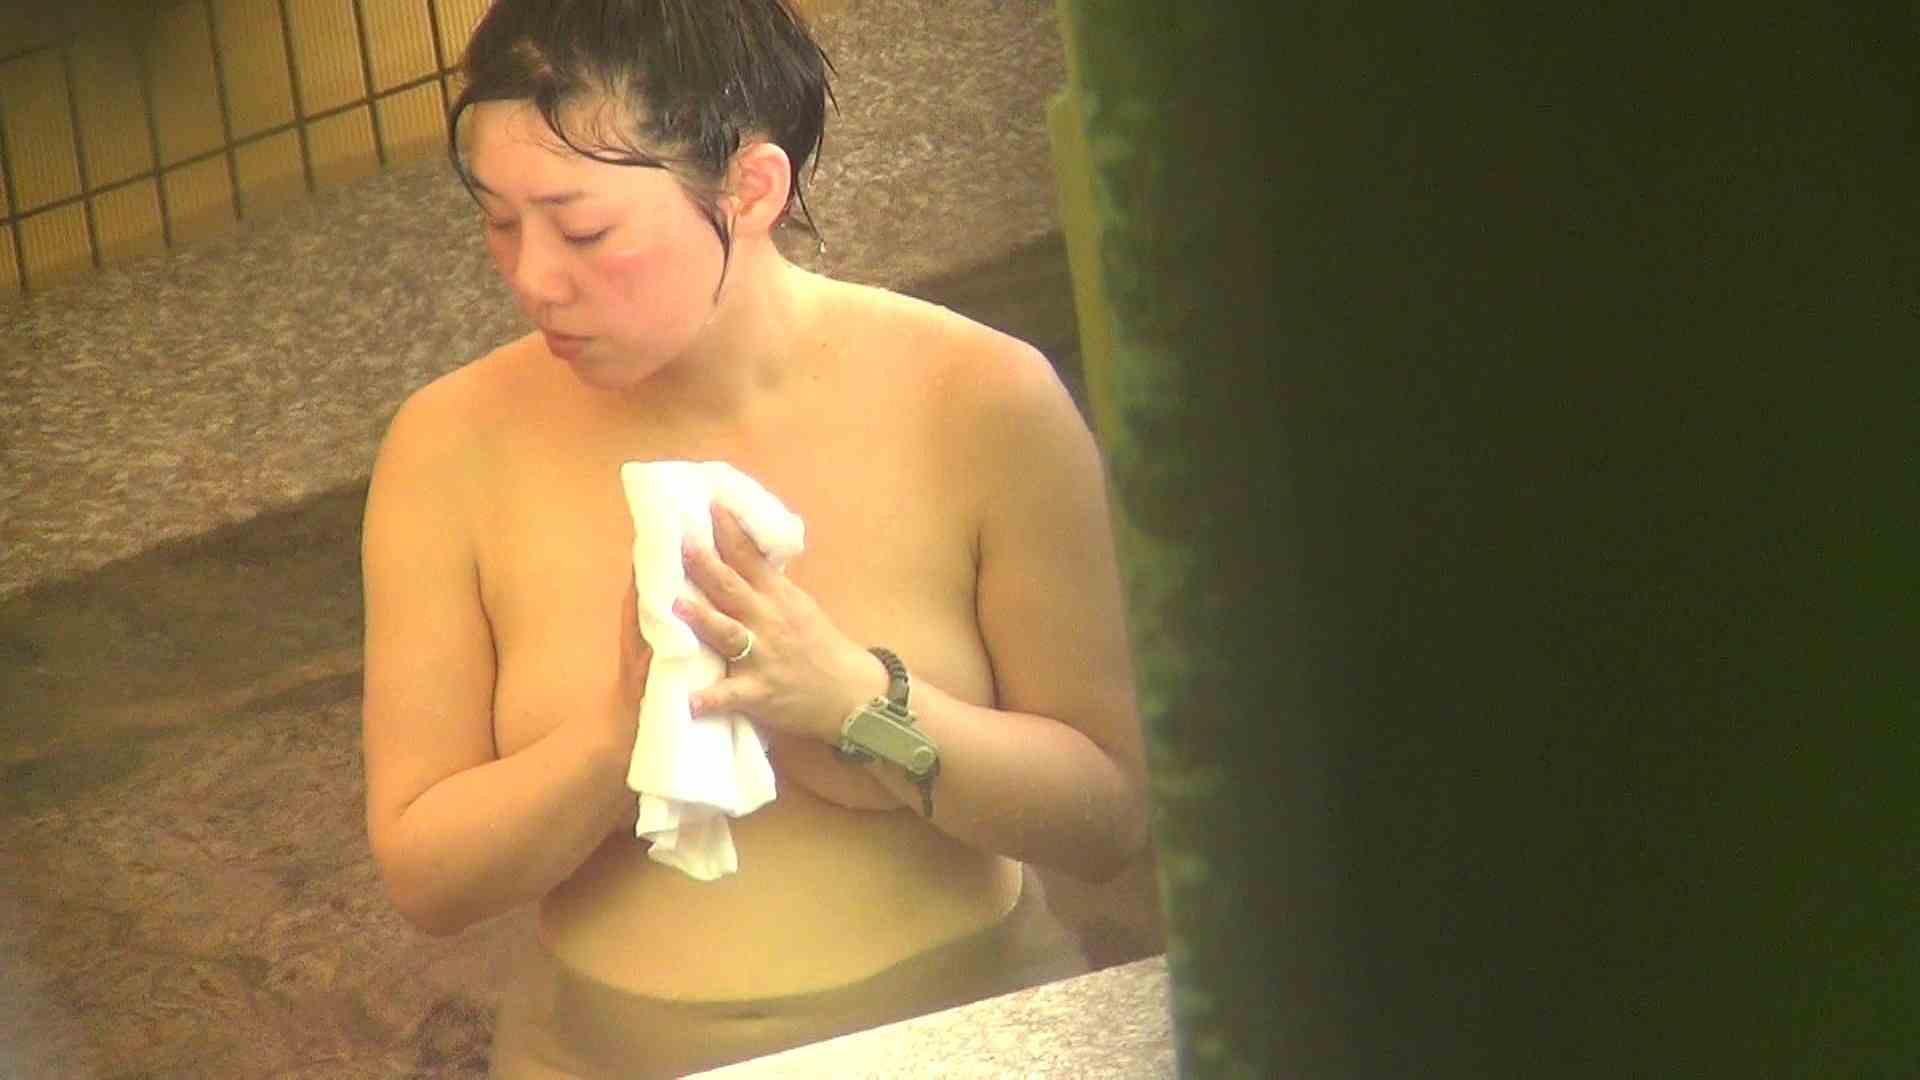 Aquaな露天風呂Vol.304 いやらしいOL 盗撮動画紹介 65連発 32